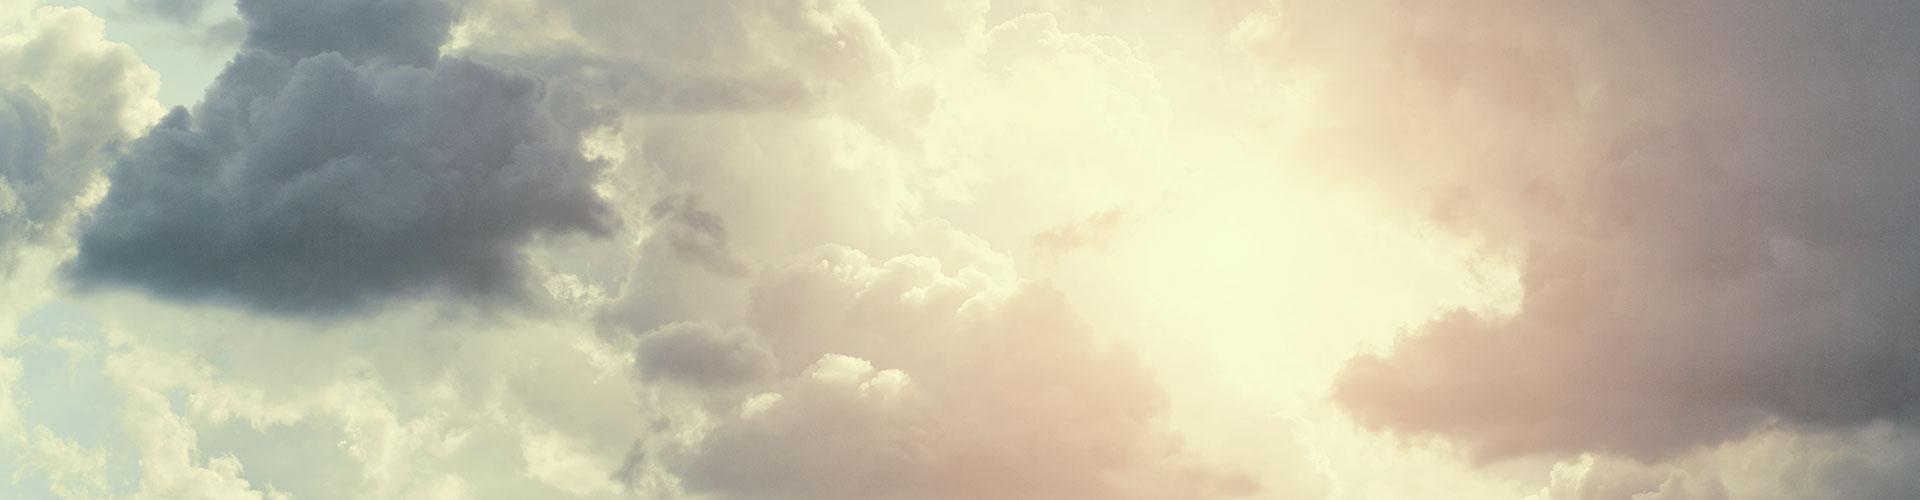 Helles, warmes Licht bricht durch eine dunkle Wolke